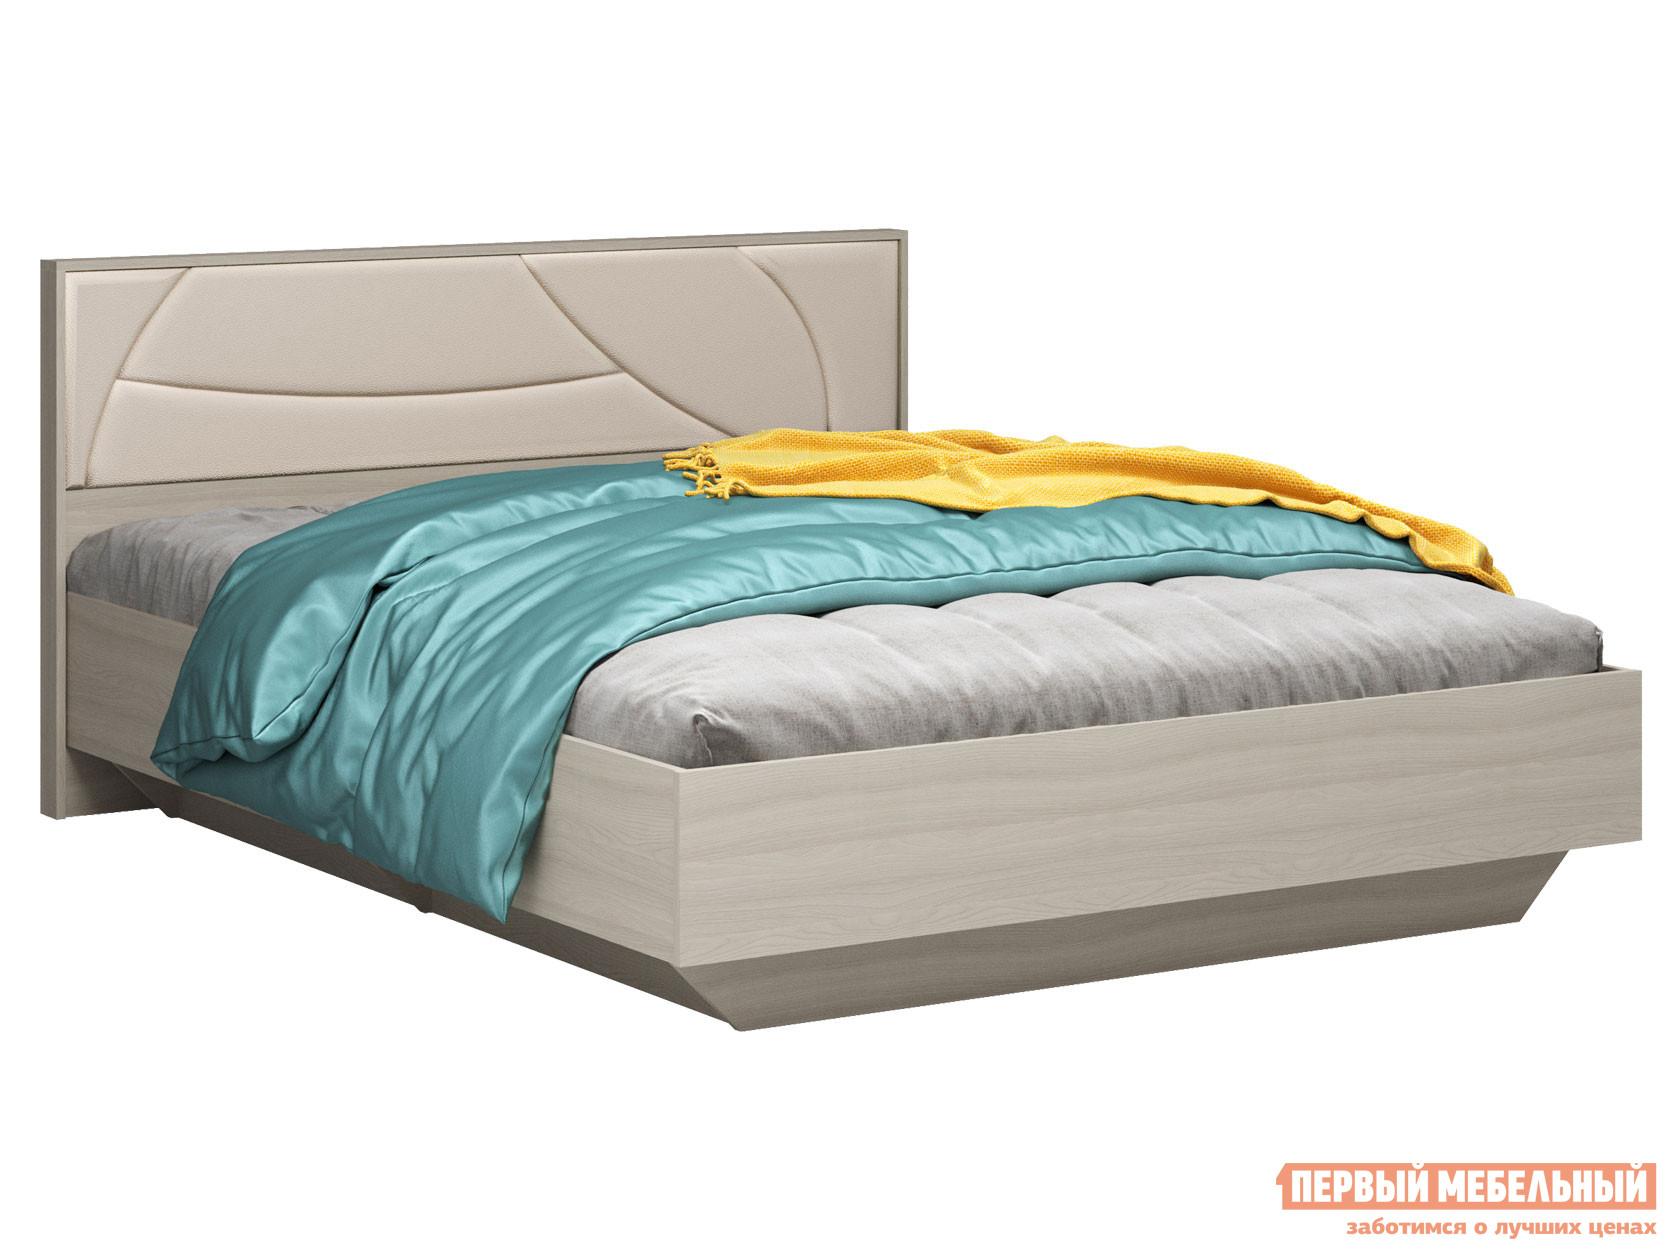 Односпальная кровать  Мирти Люкс Ясень шимо светлый / Ваниль, экокожа, С анатомическим основанием